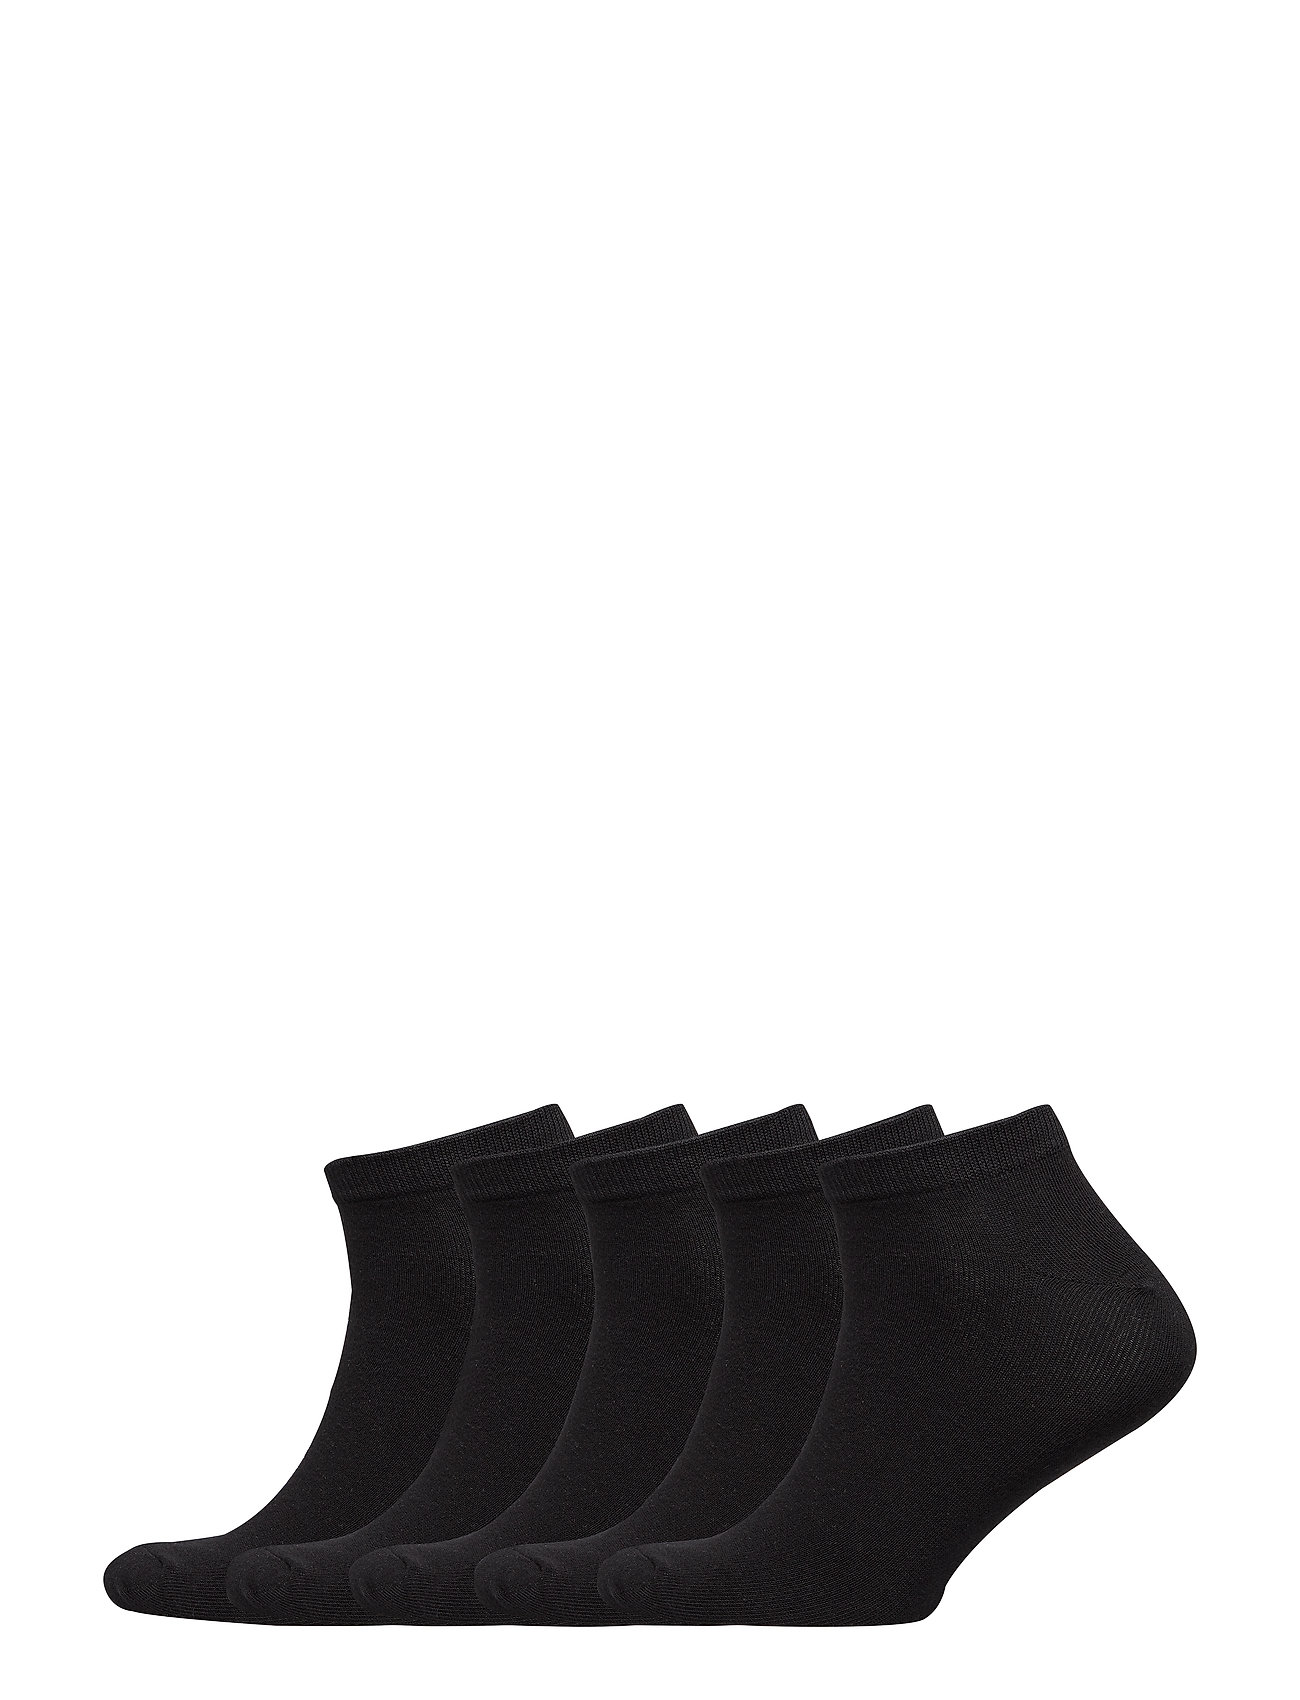 Image of Jacdongo Socks 5 Pack Noos Ankelstrømper Korte Strømper Sort Jack & J S (3413103097)